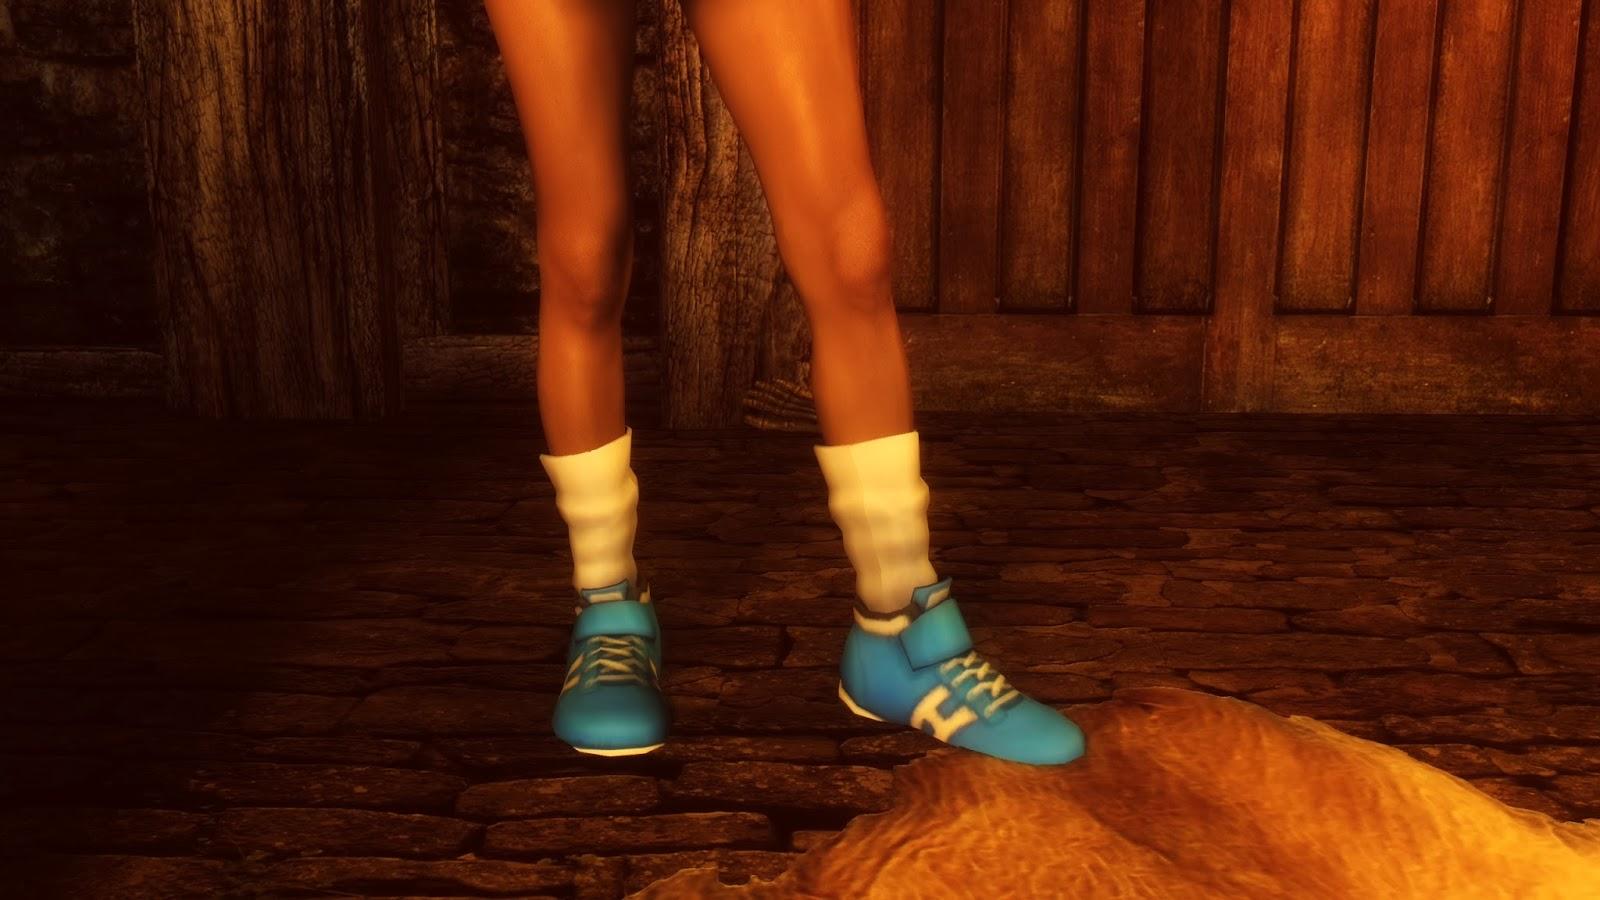 Unp Skyrim Socks Wwwmiifotoscom